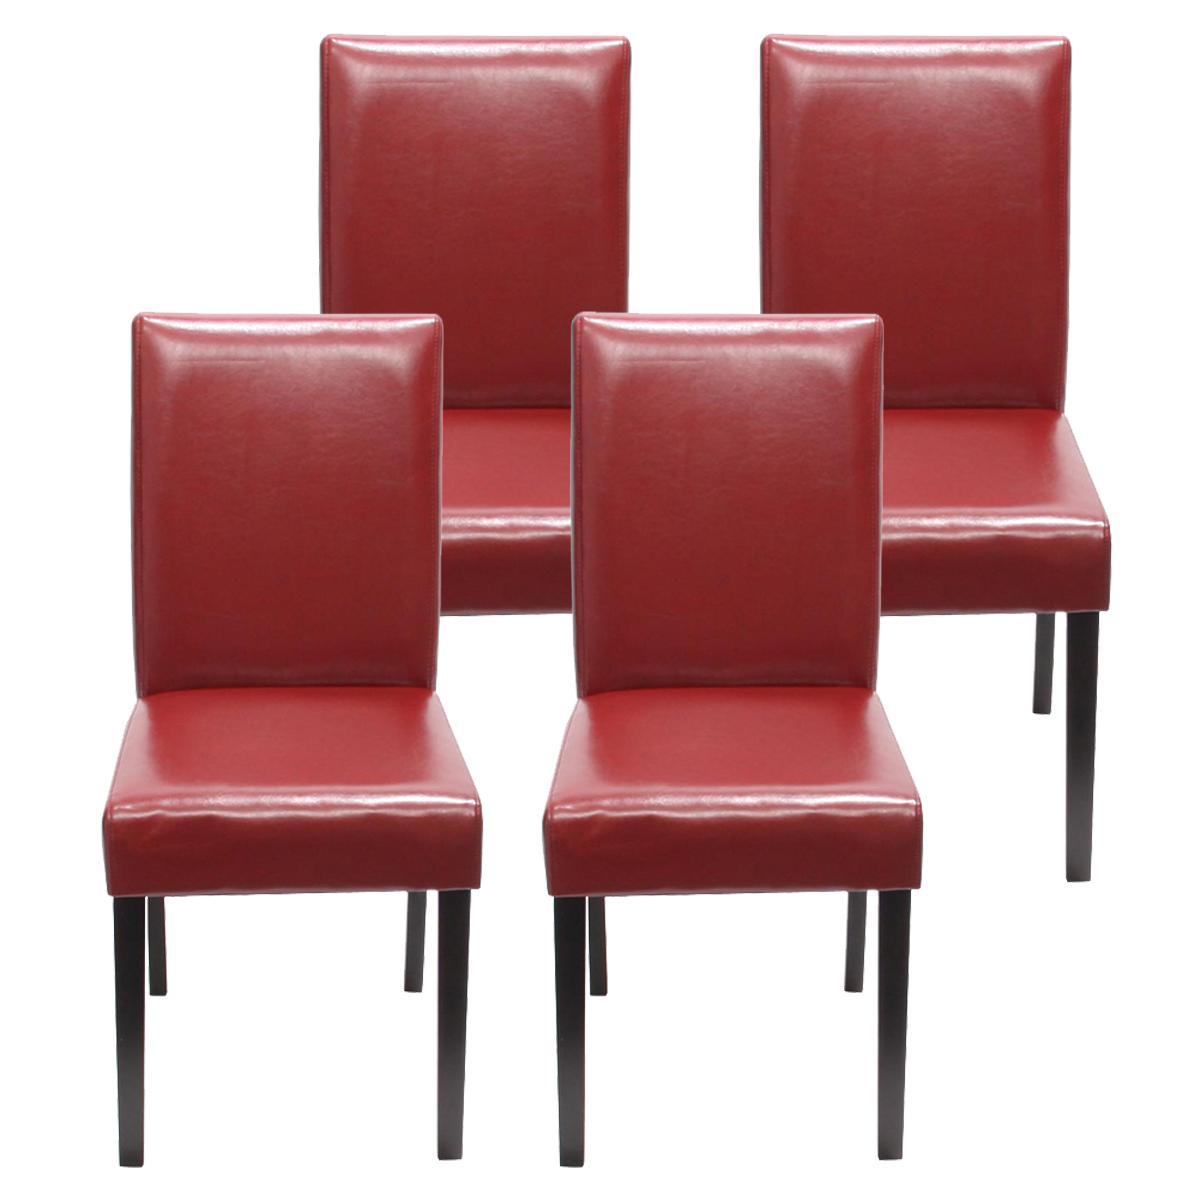 Lote 4 sillas de comedor litau precioso dise o piel roja for Sillas de piel para comedor